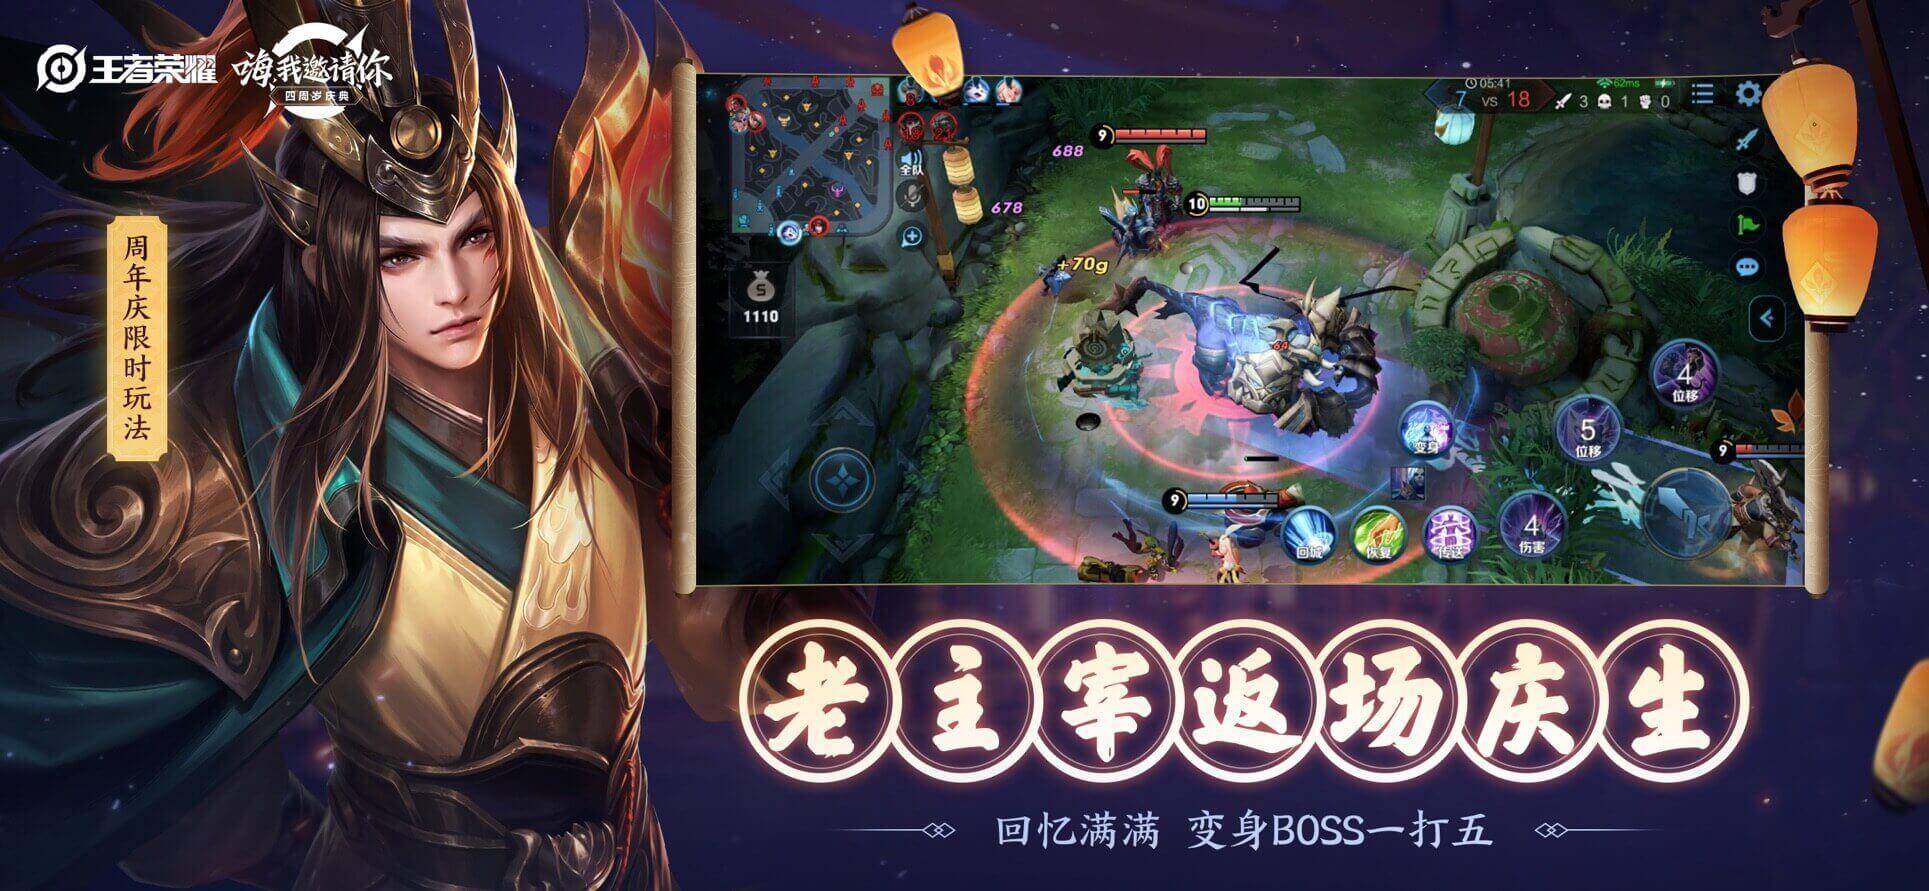 Screenshot 1: 王者荣耀